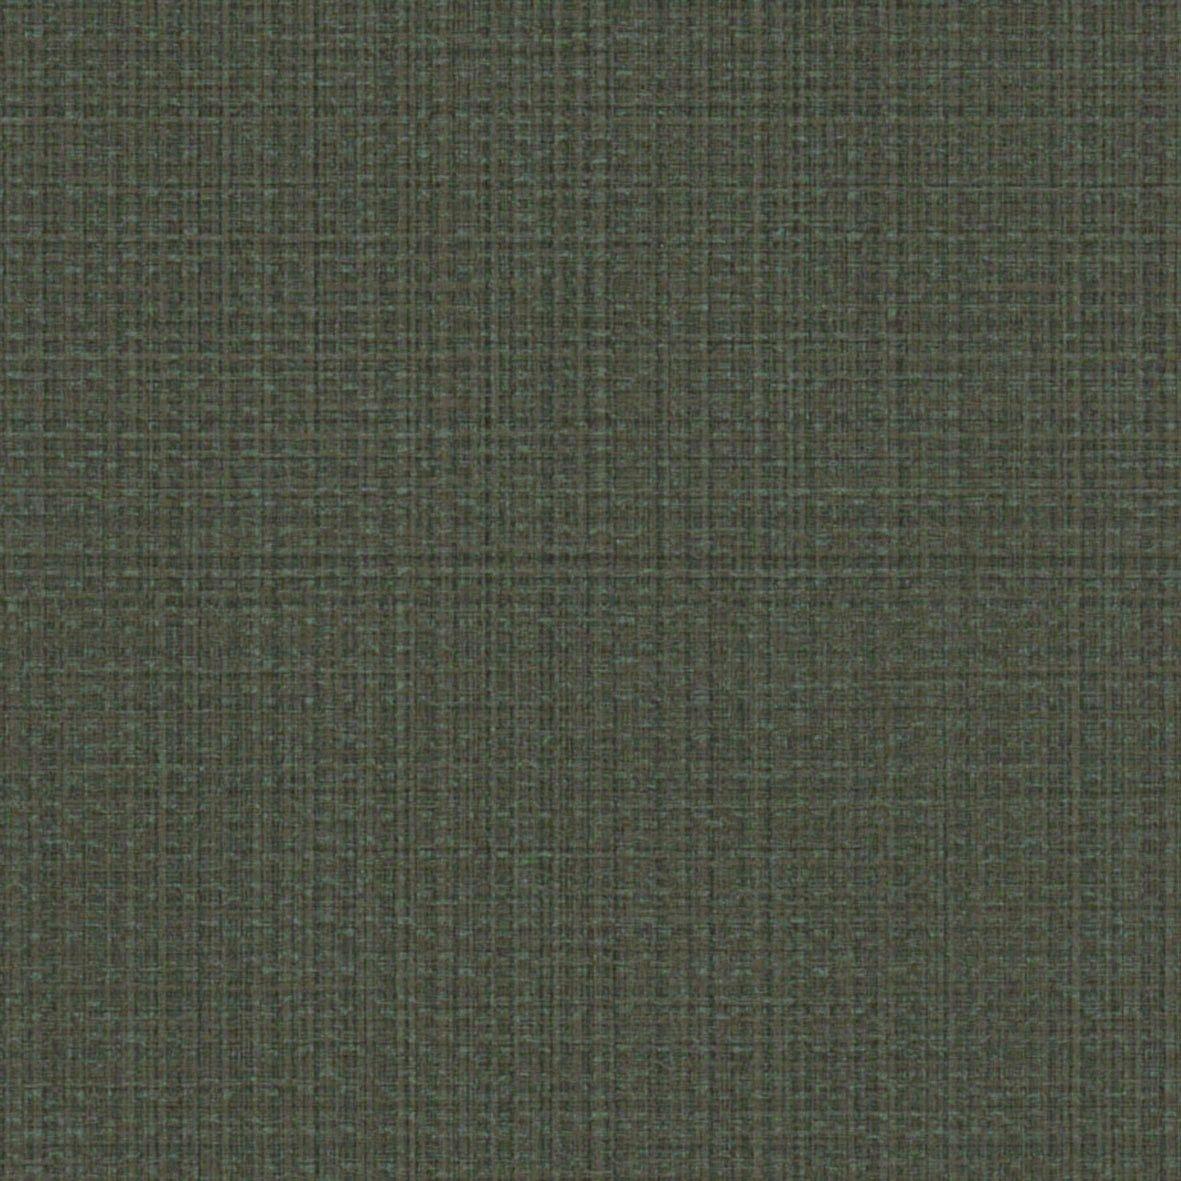 リリカラ 壁紙40m ナチュラル 織物調 ブラウン LL-8762 B01MXDKCUJ 40m|ブラウン